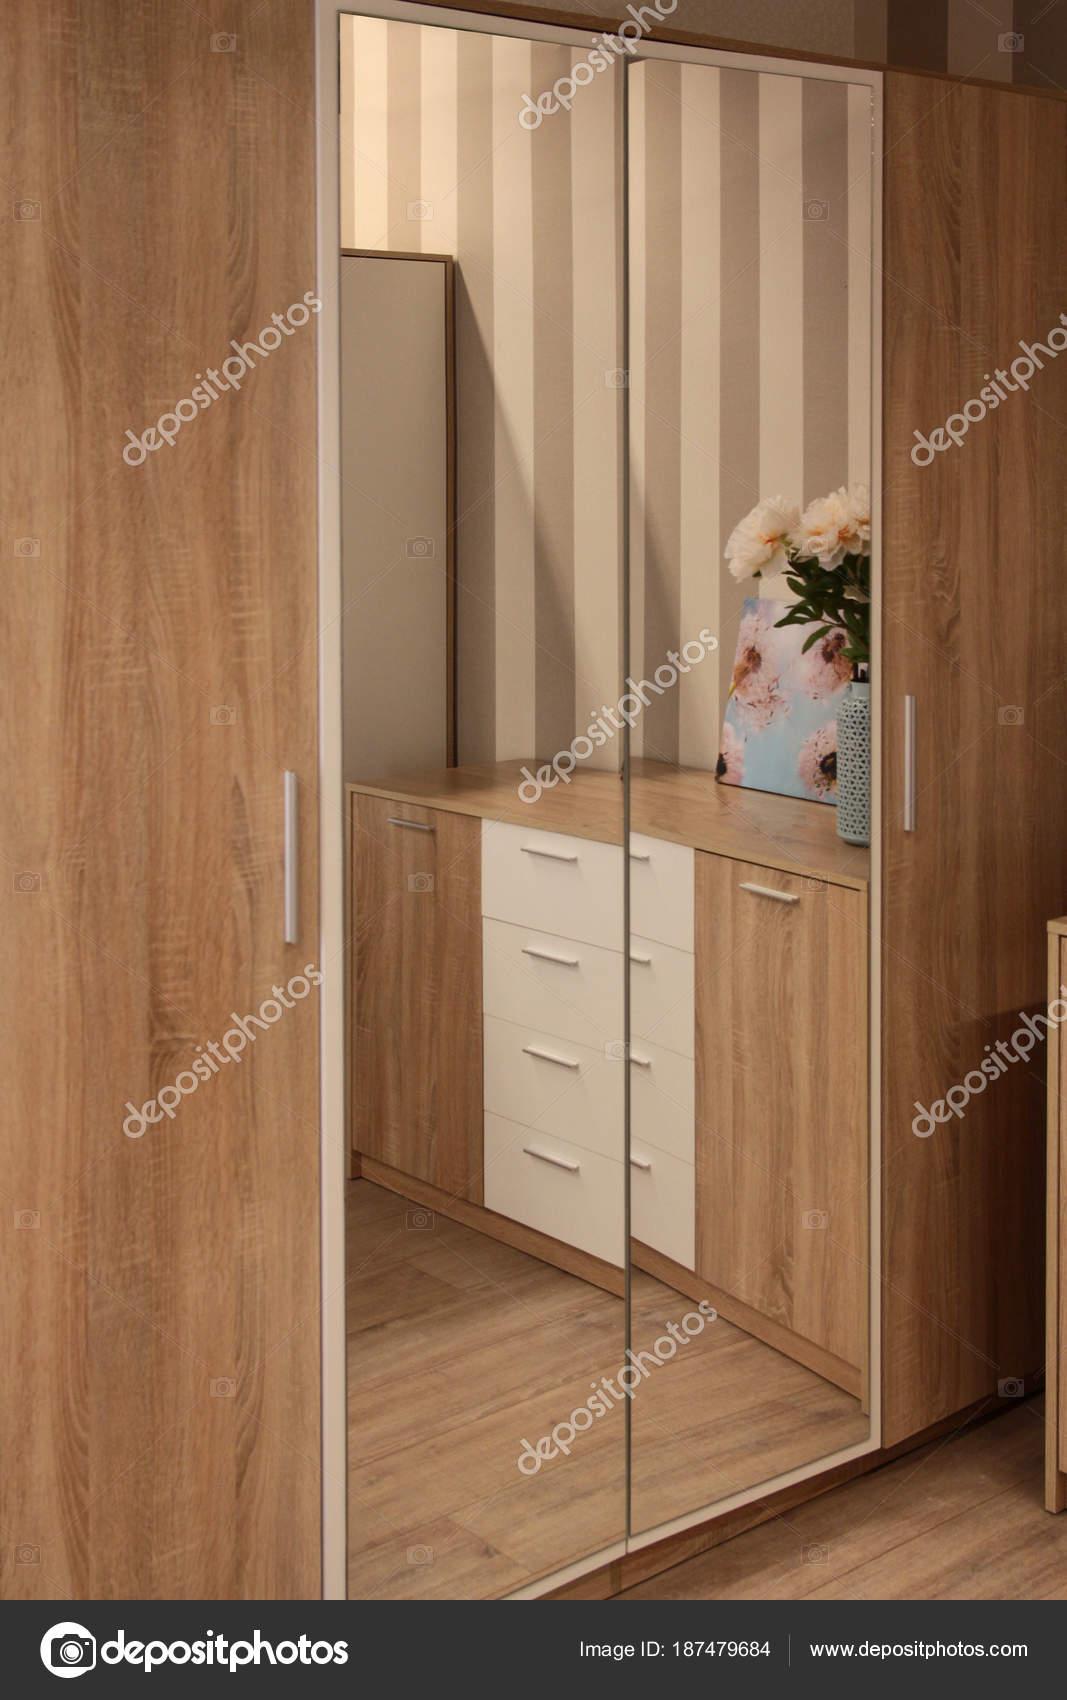 Fassade des Schrankes mit einem Spiegel im Schlafzimmer ...